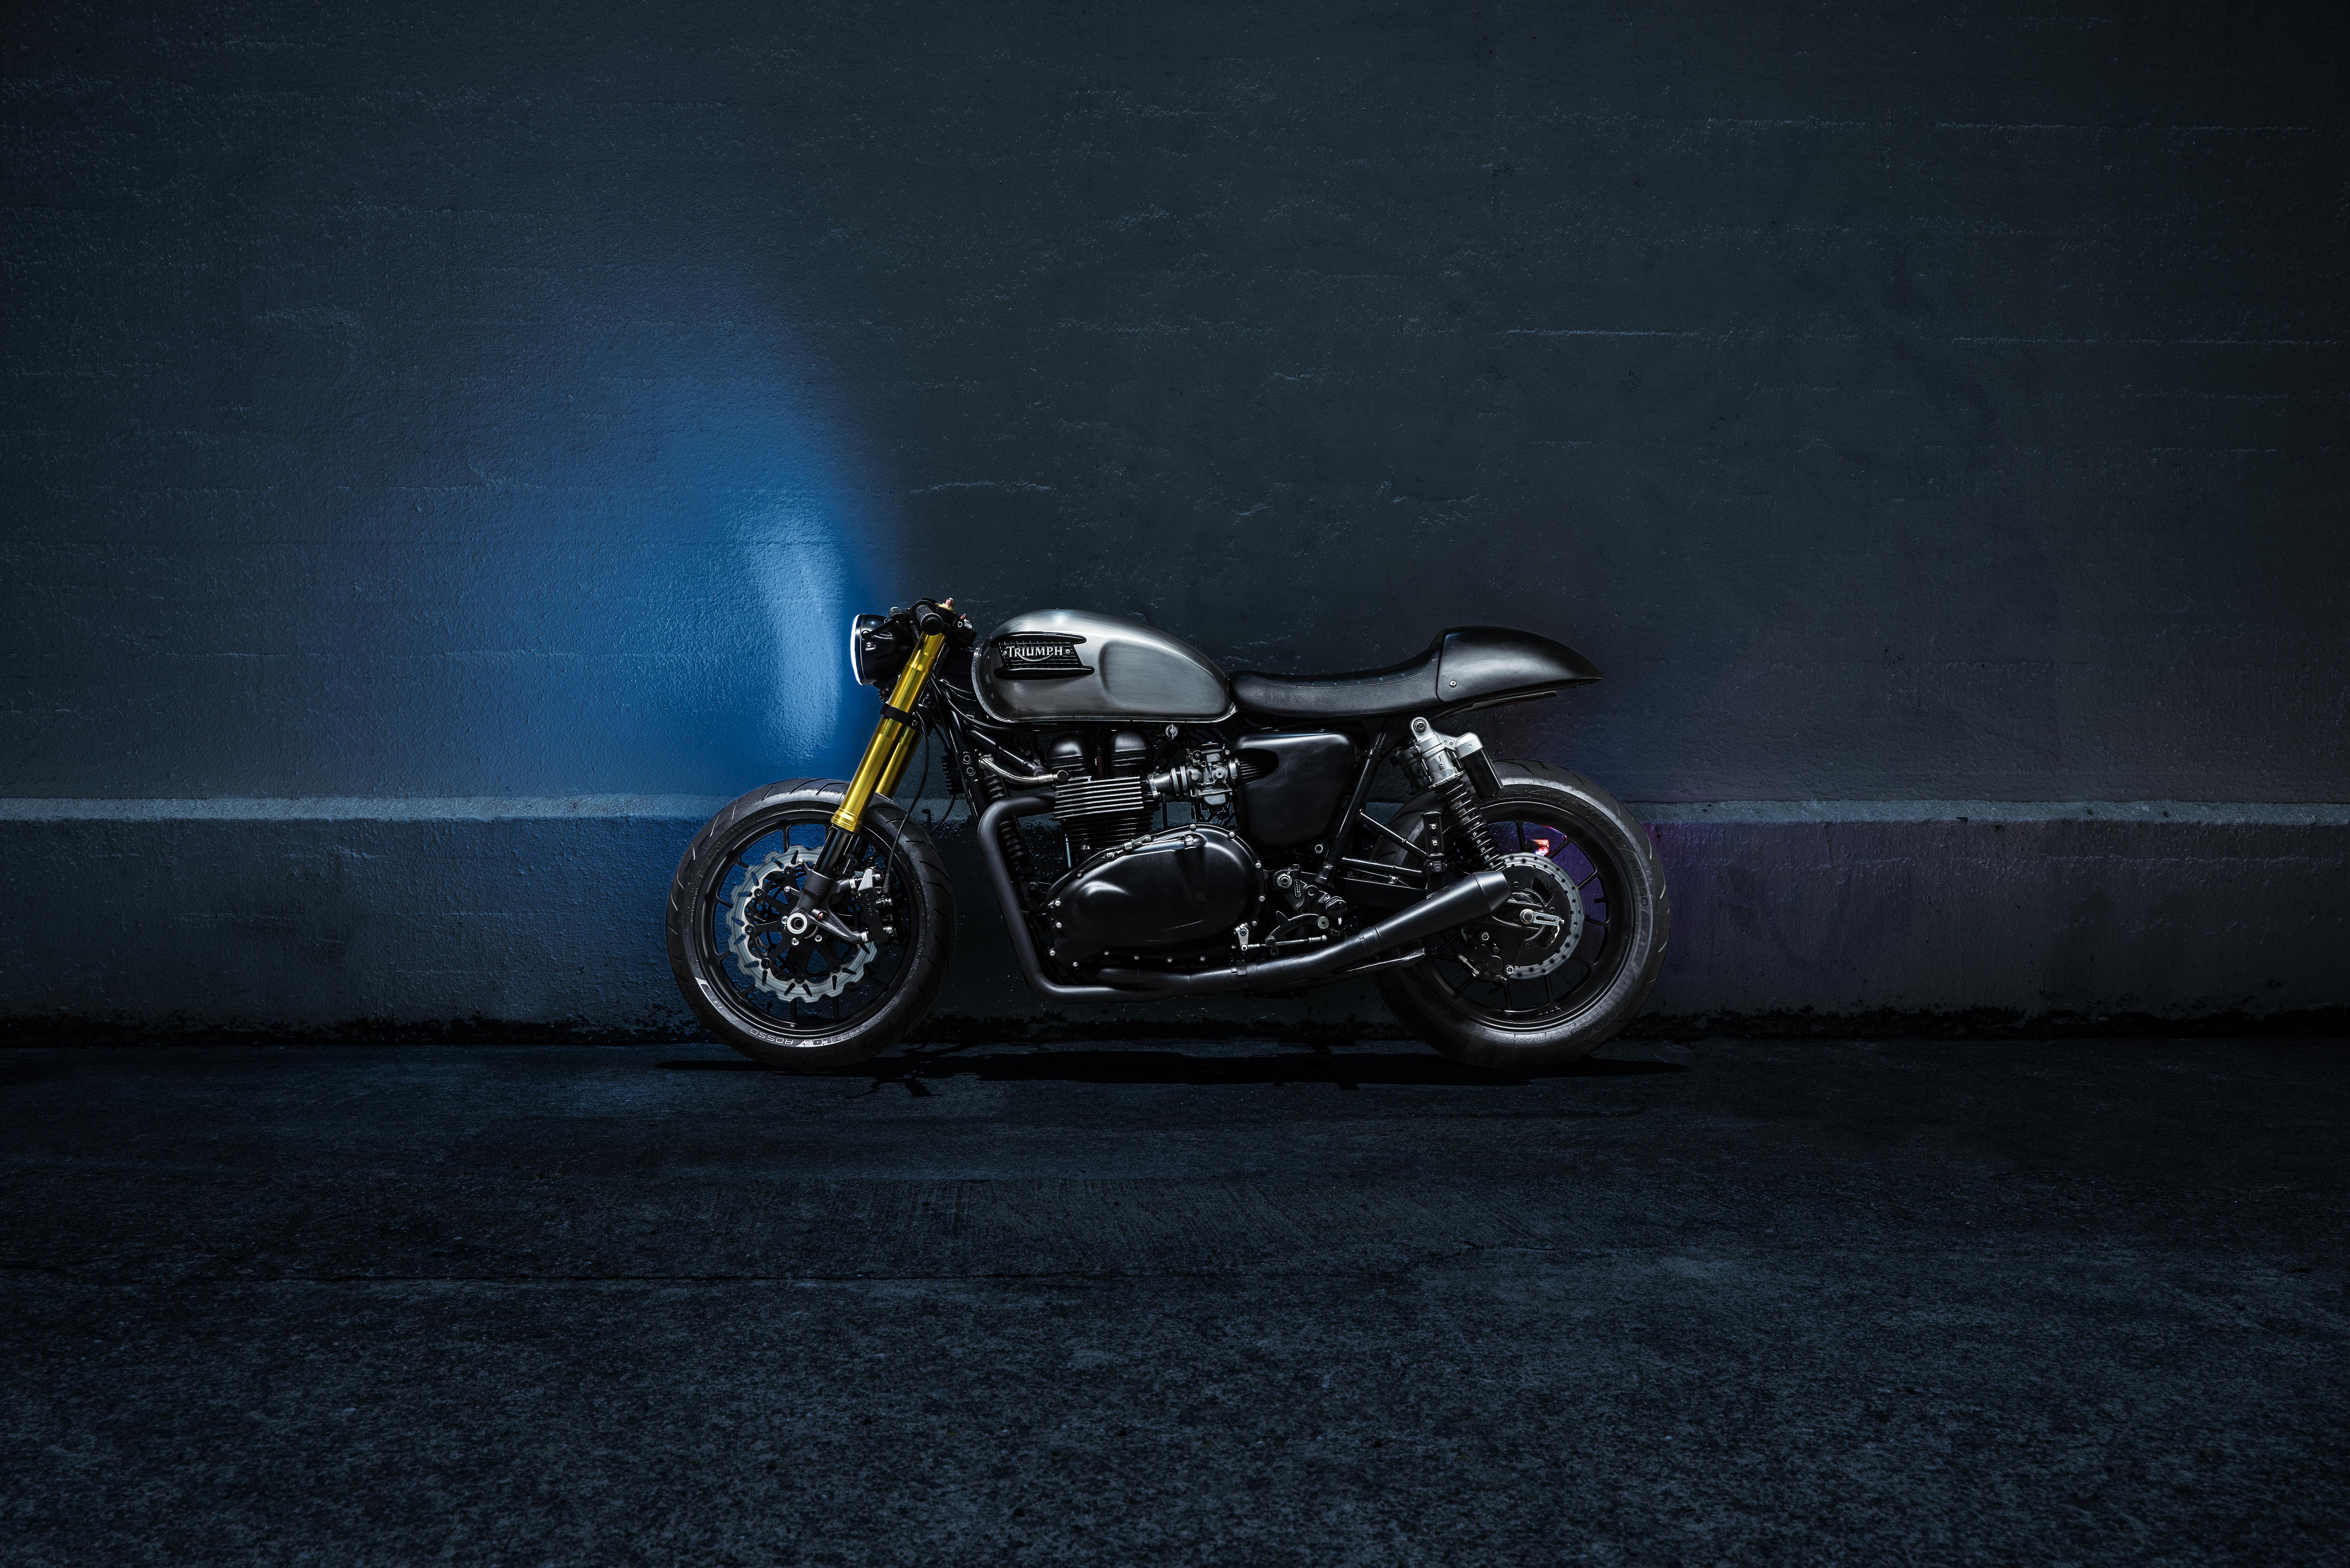 Bullitt OG :: Triumph Cafe Racer Custom Build - The Bullitt